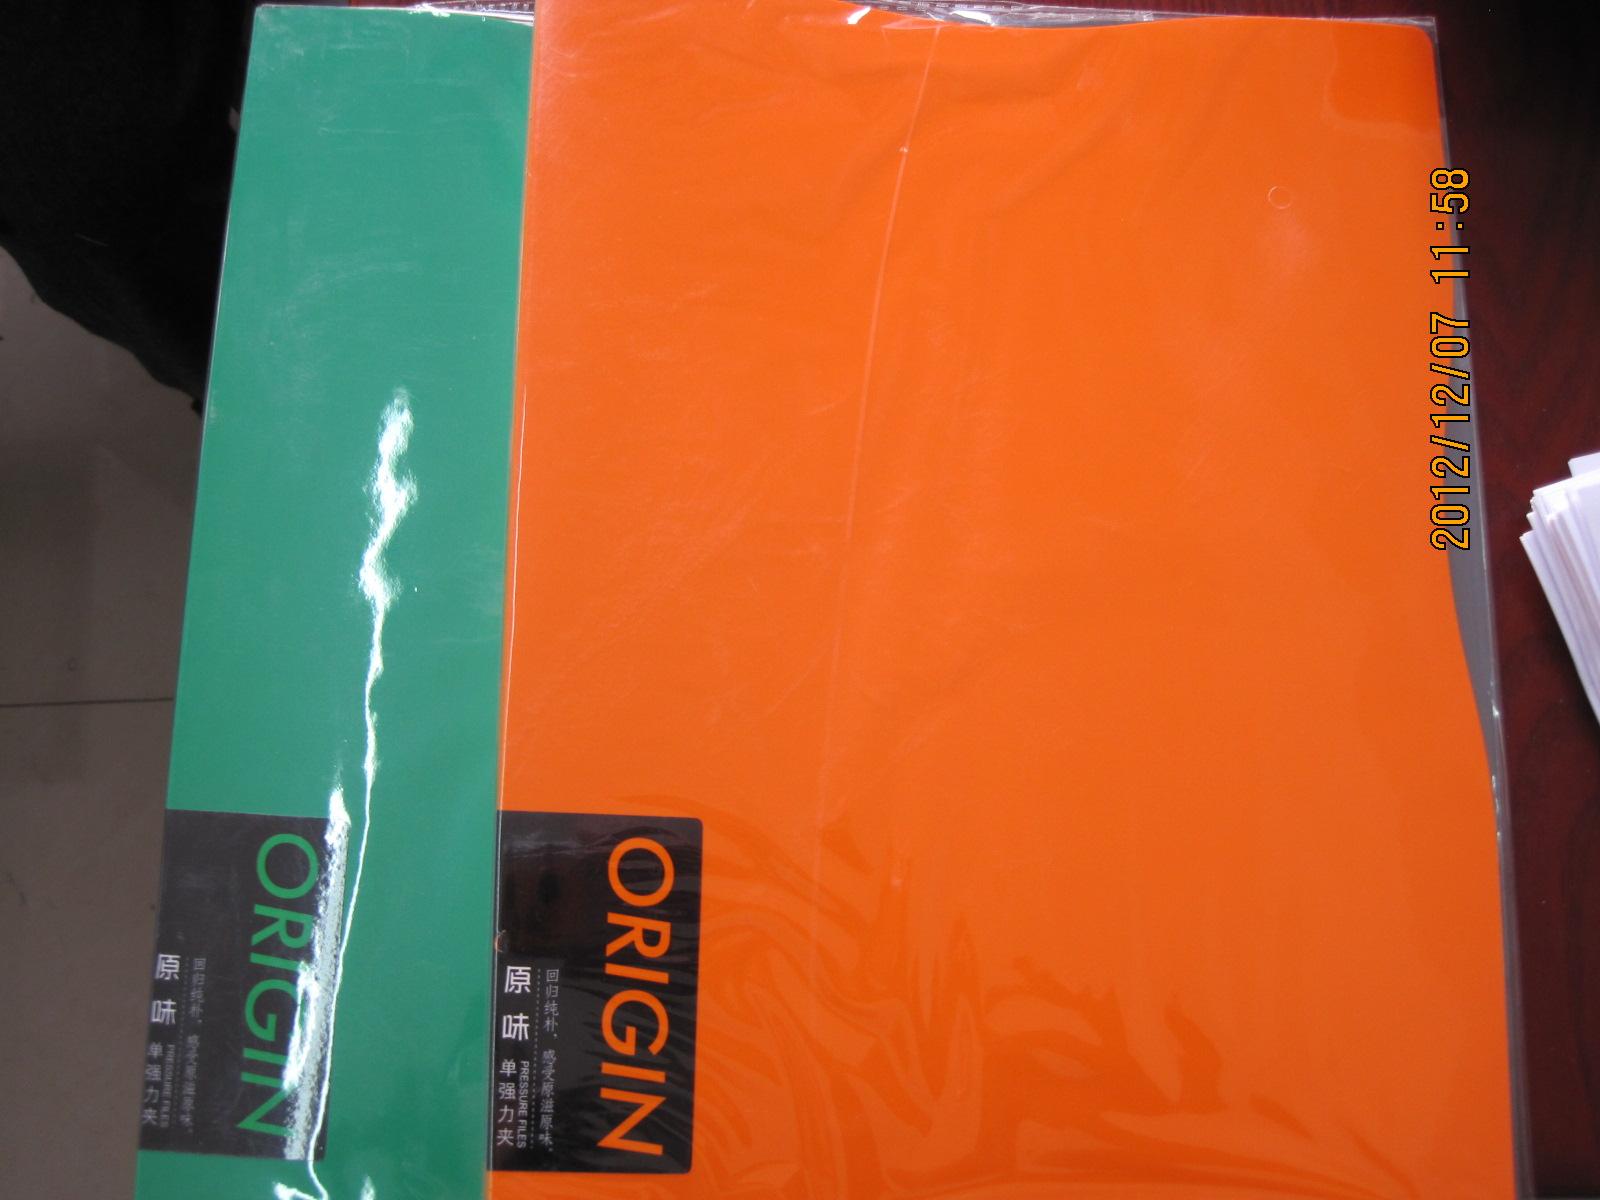 designer inspired handbags 00286426 onlinestore